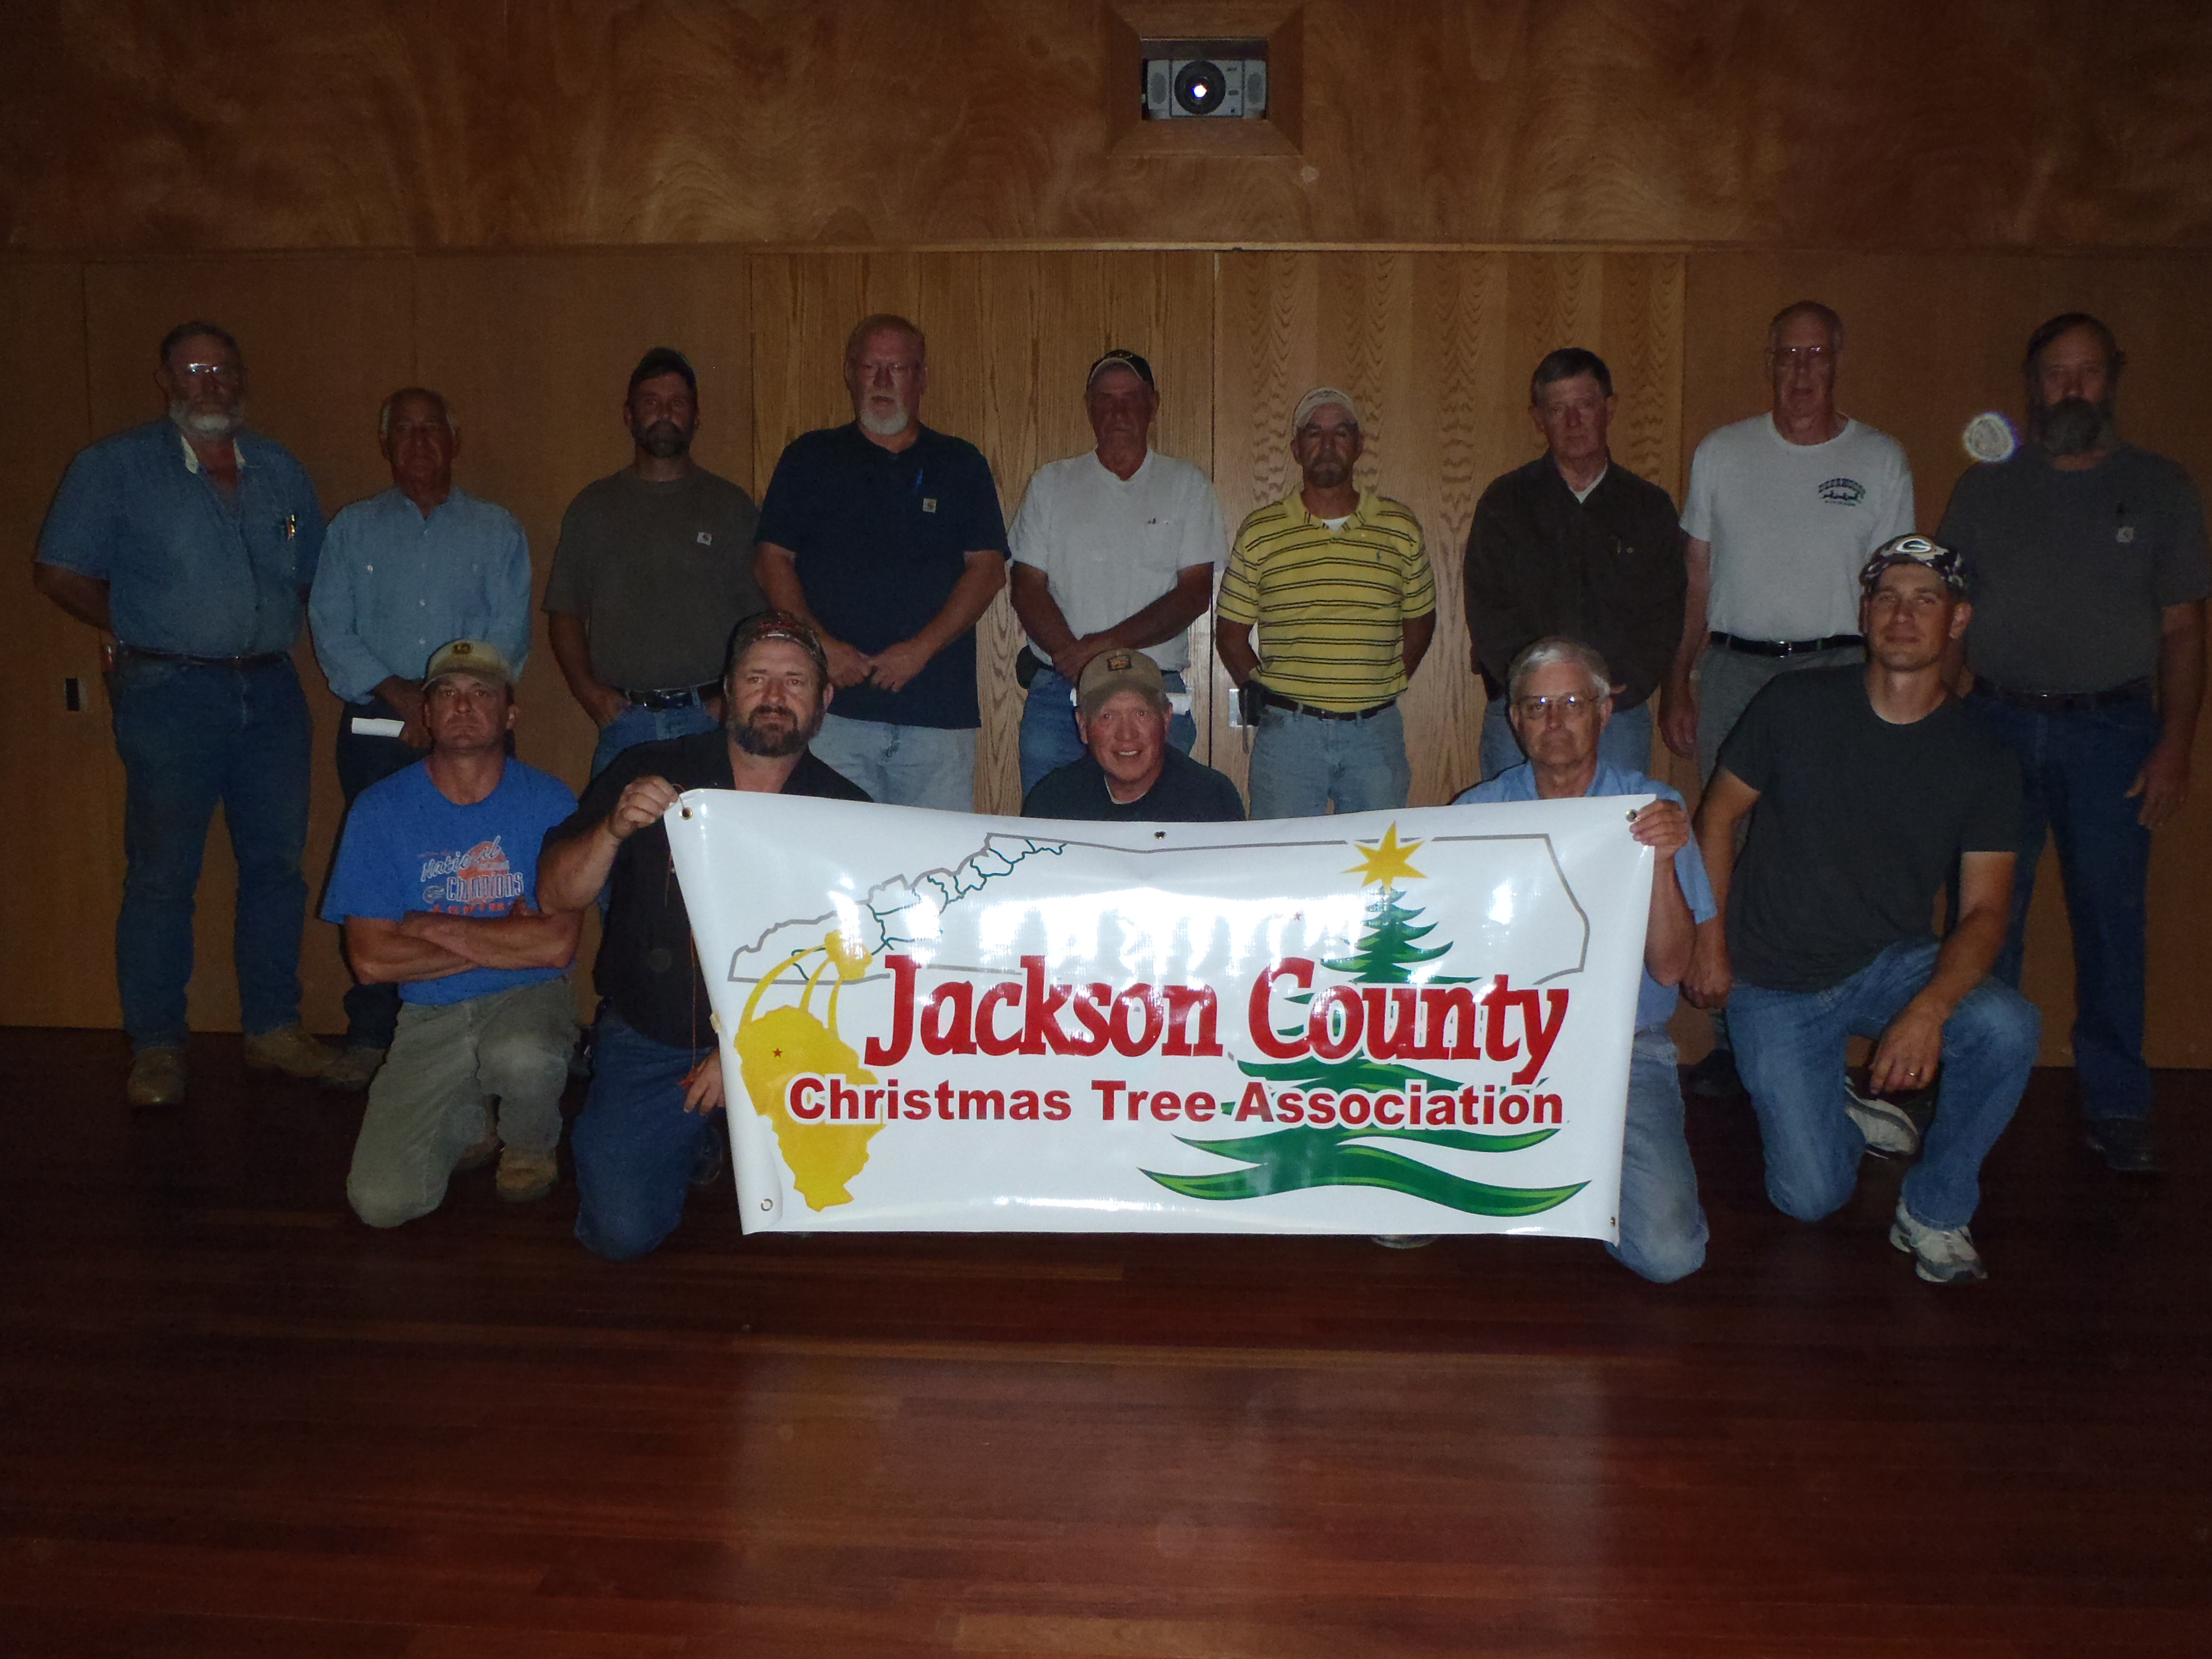 Jacksontreegroupphoto